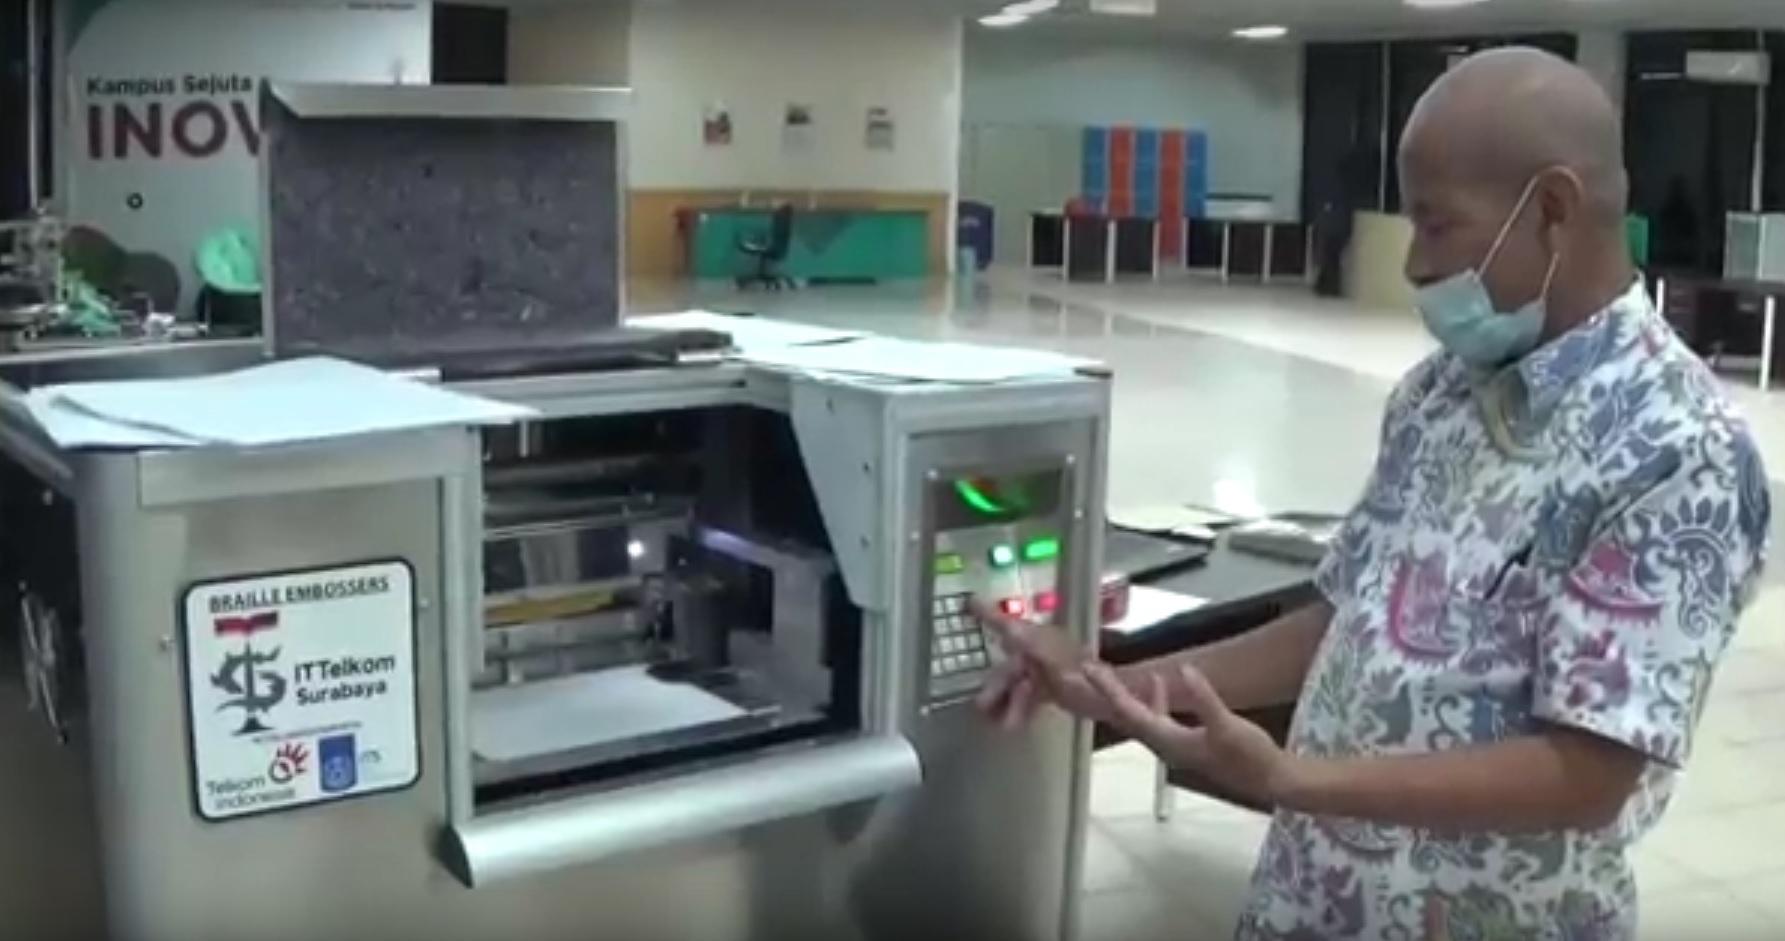 Rektor Institut Teknologi Telkom Surabaya memperkanalkan mesin cetak braille (Foto / Metro TV)